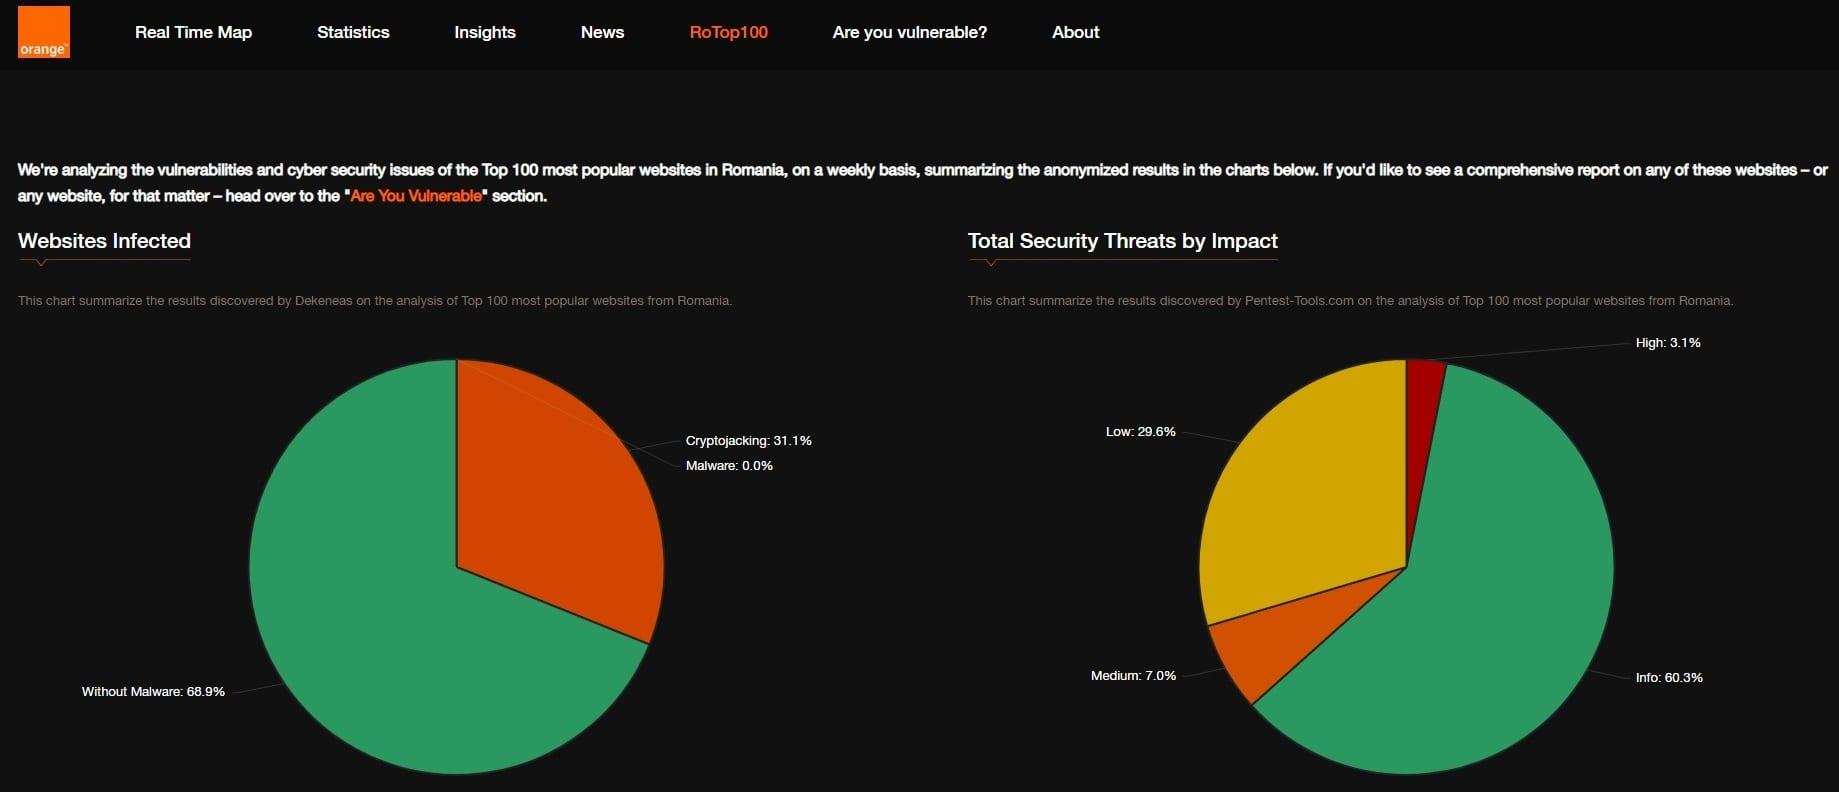 Orange anunță o nouă versiune a Business Internet Security Threatmap, împreună cu a doua ediție a raportului de securitate cibernetică